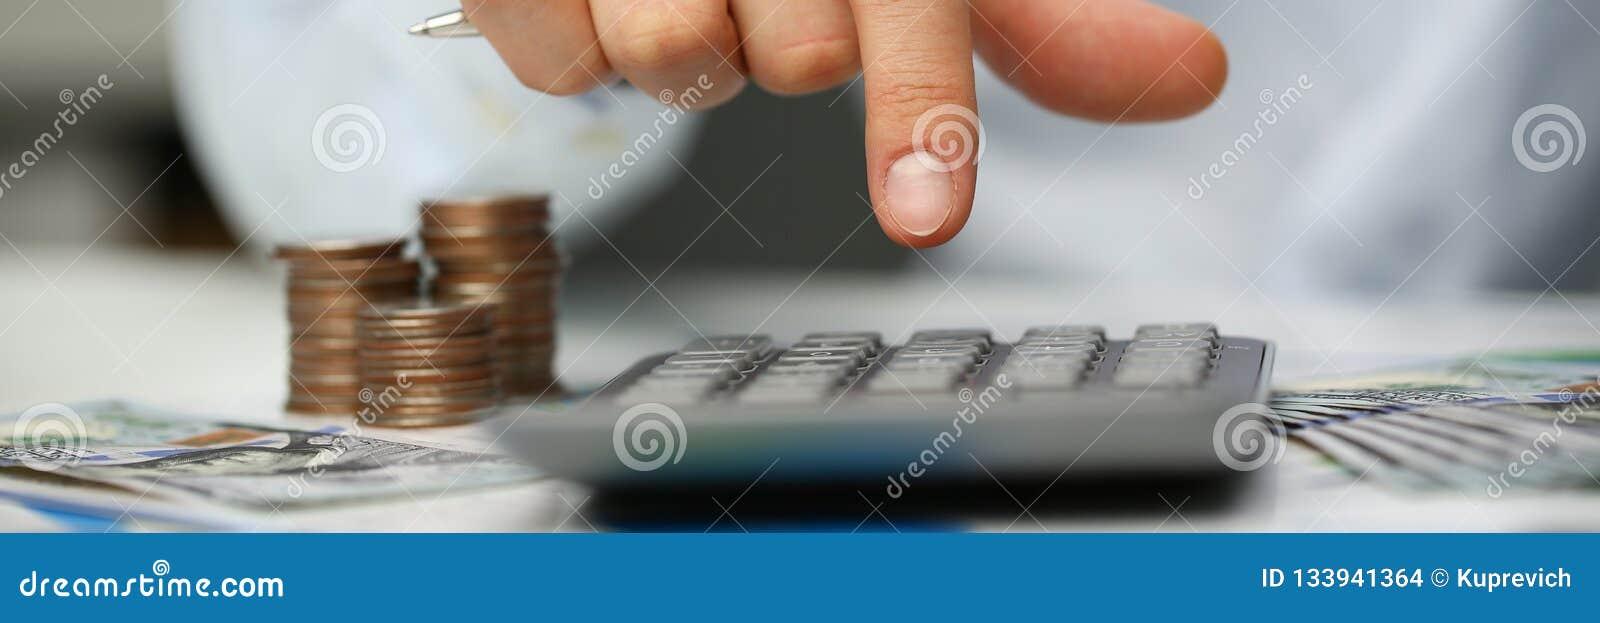 Mann drücken silbernen Schlüsseltaschenrechner liegt von Hand ein